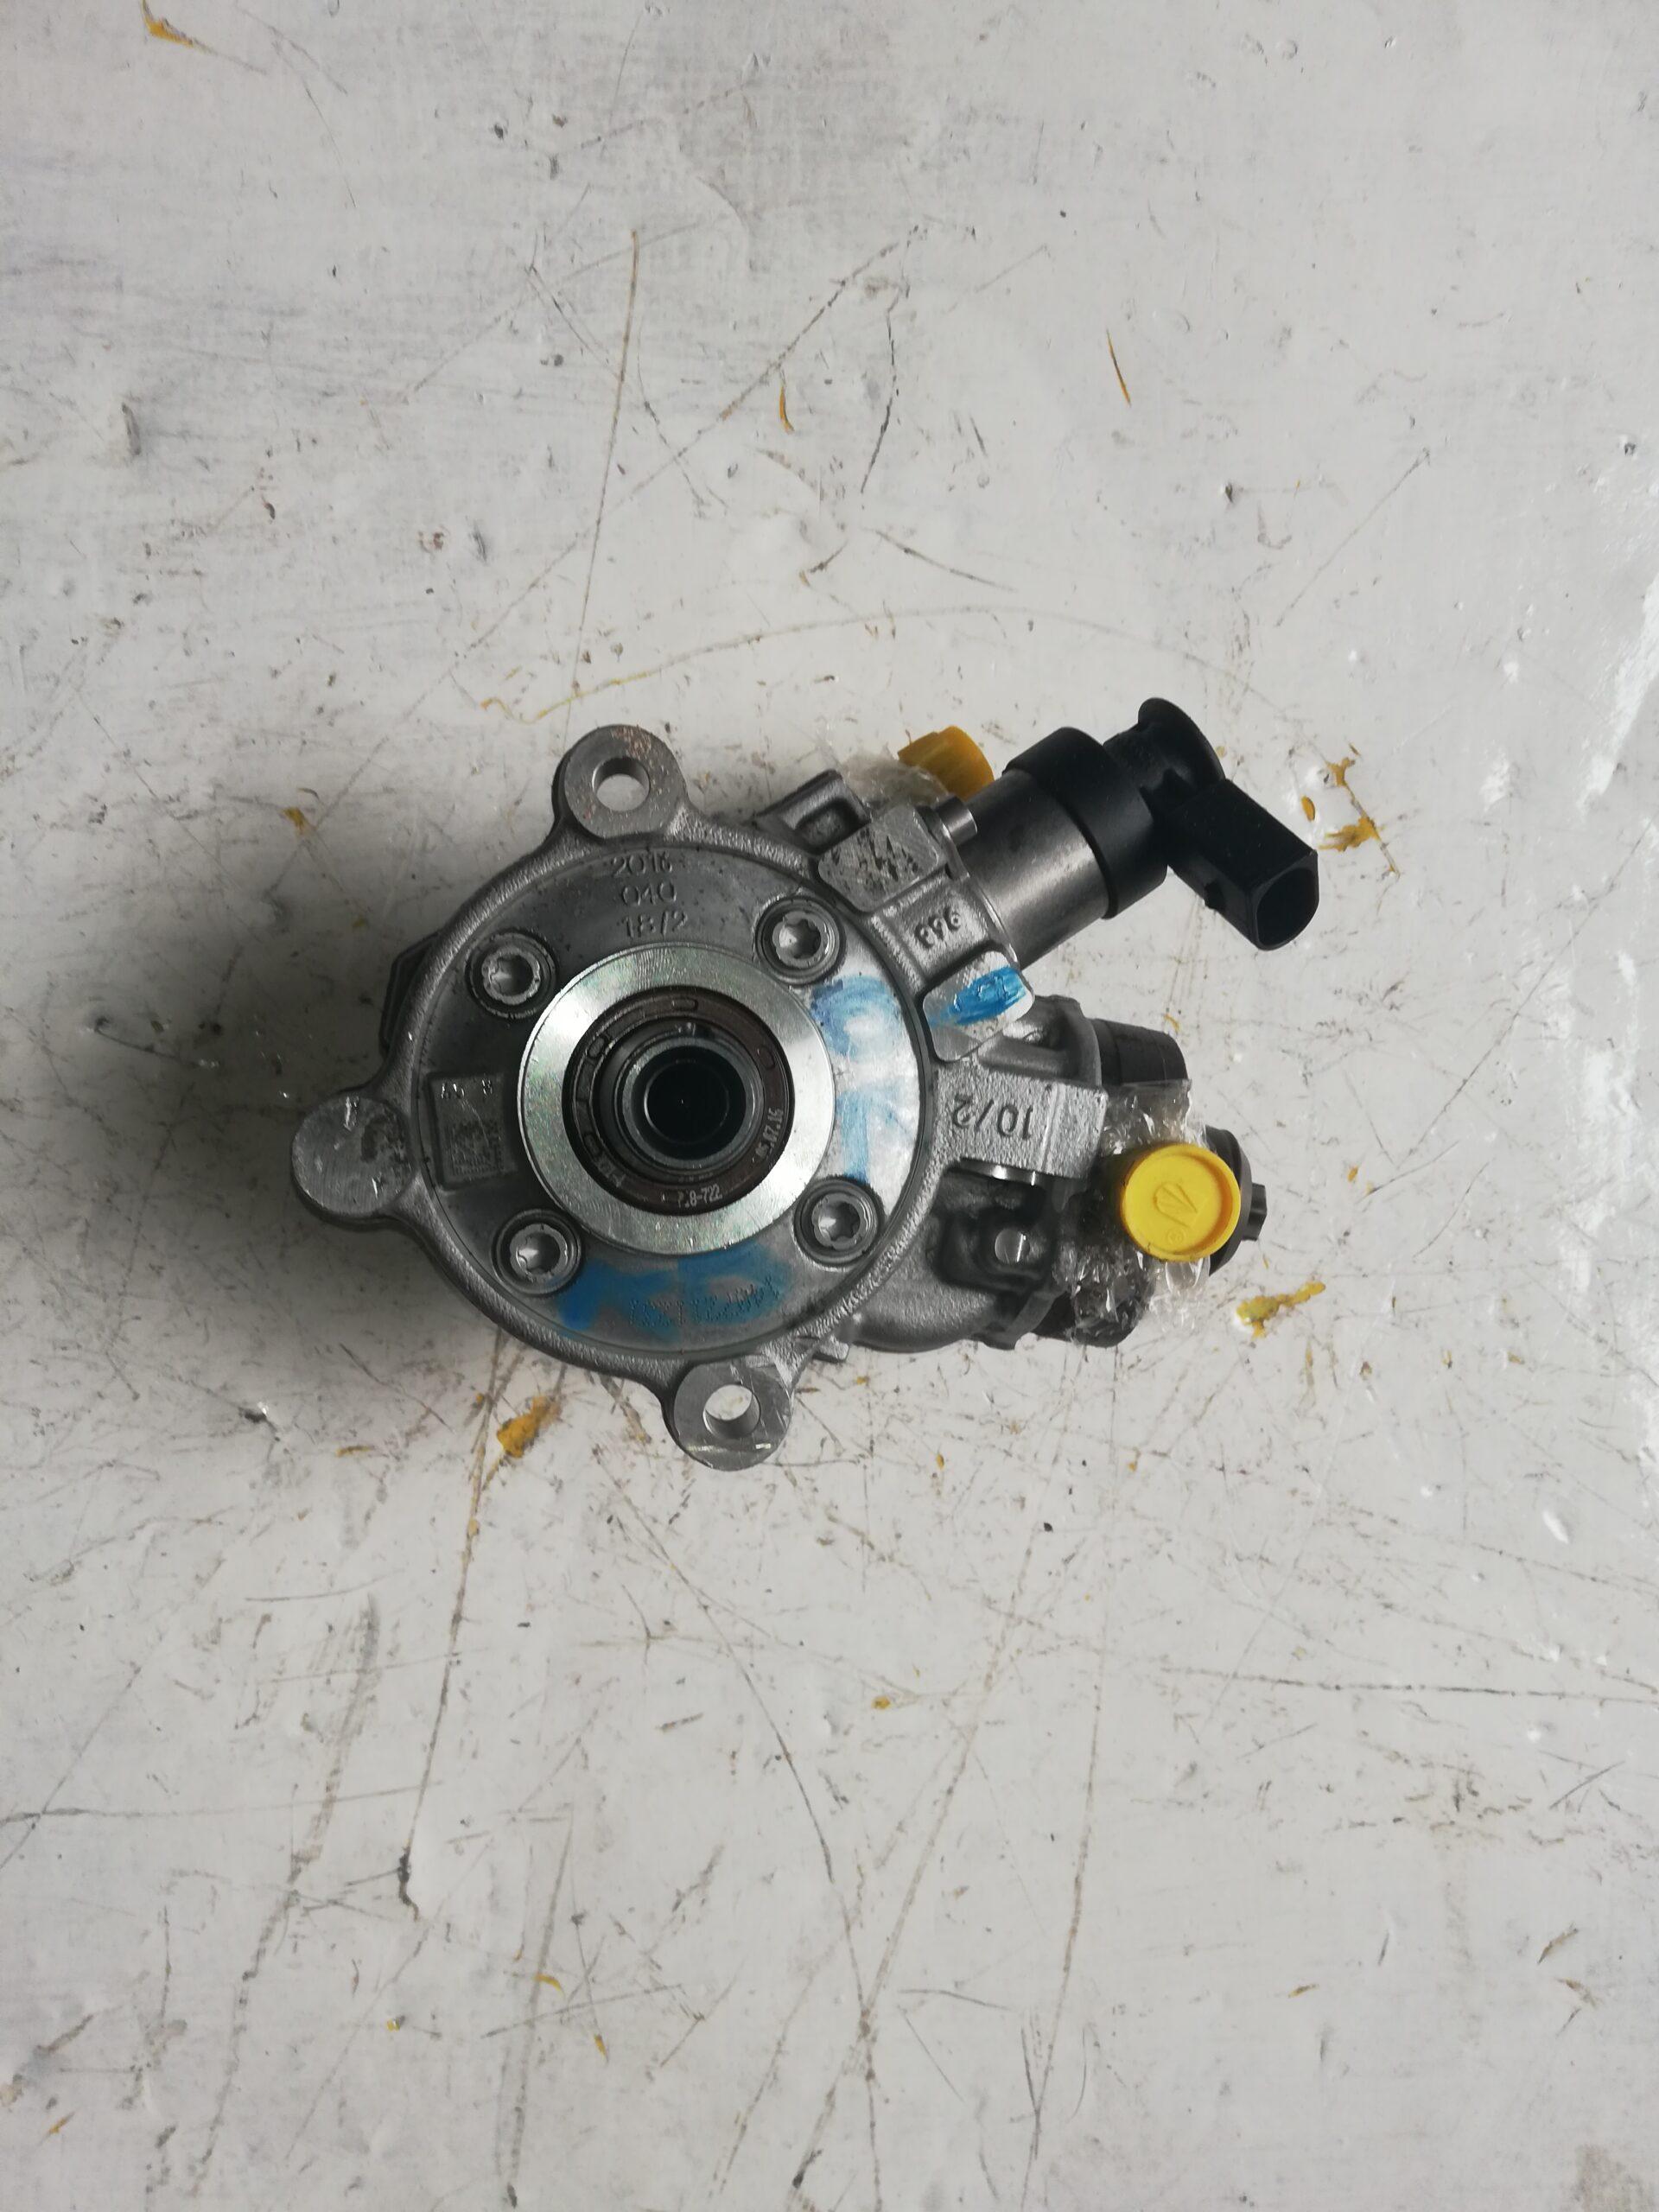 Sprawdzona Pompa Wtryskowa BMW Mini Toyota 2.0 D  0445010756